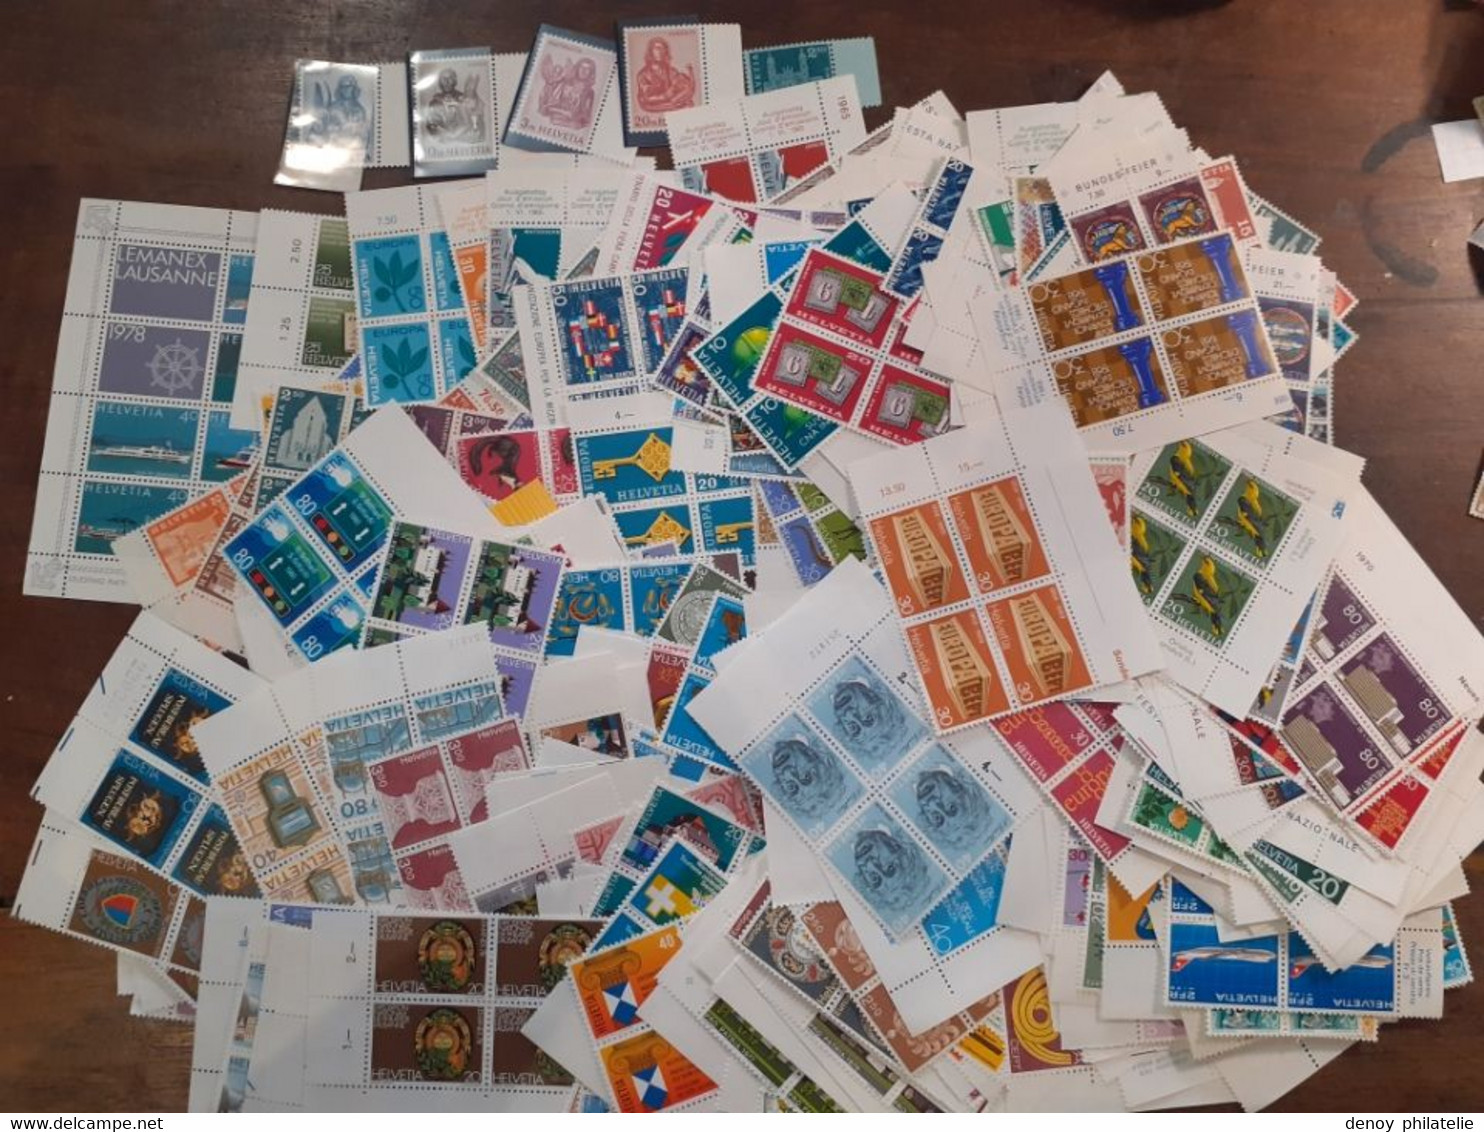 Suisse Lot De Timbres Moderne Sous Faciale 1026 Francs Suisse Soit 956  Euros Net 625 Euros - Unclassified